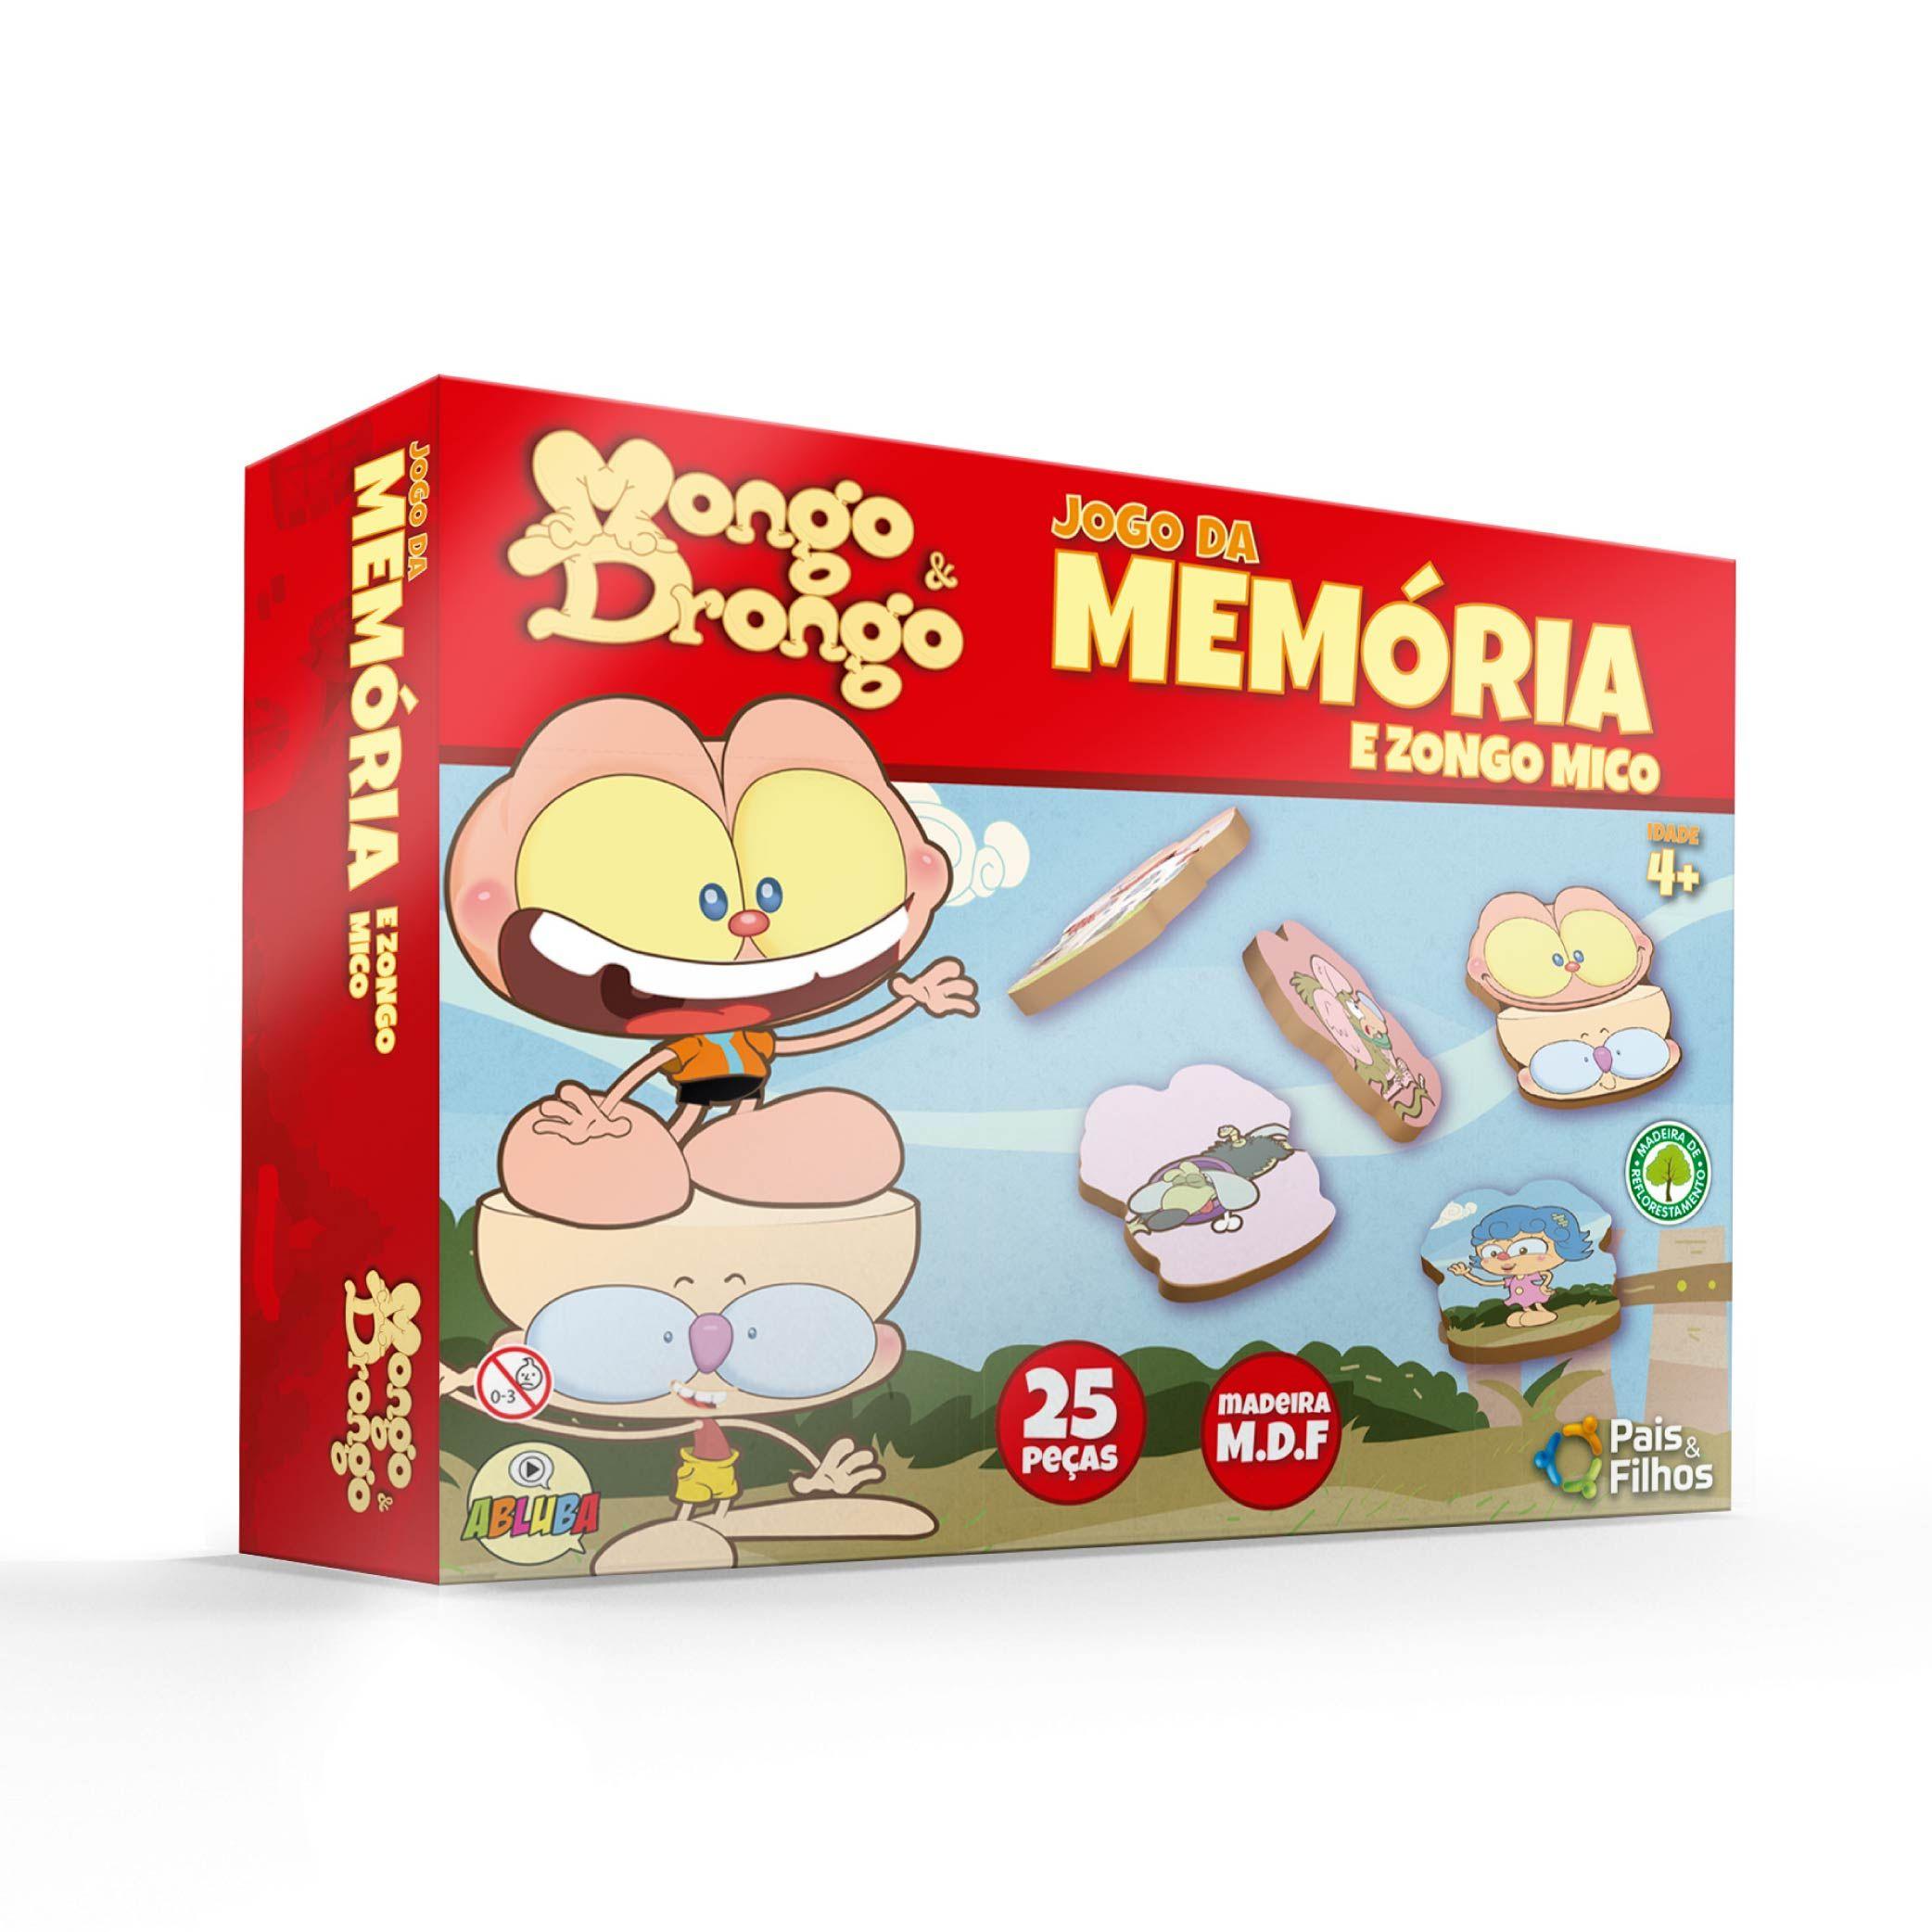 Mongo e Drongo - Memória - 25 pçs MDF-10791